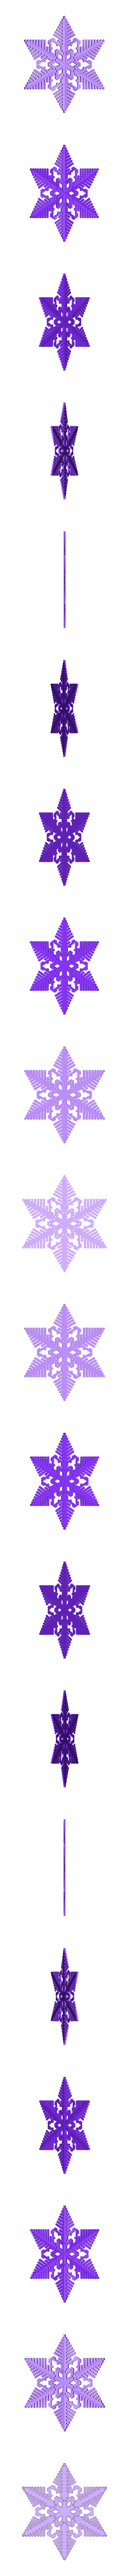 reiter40-ridged.stl Download free STL file Snowflake growth simulation in BlocksCAD • 3D printing design, arpruss